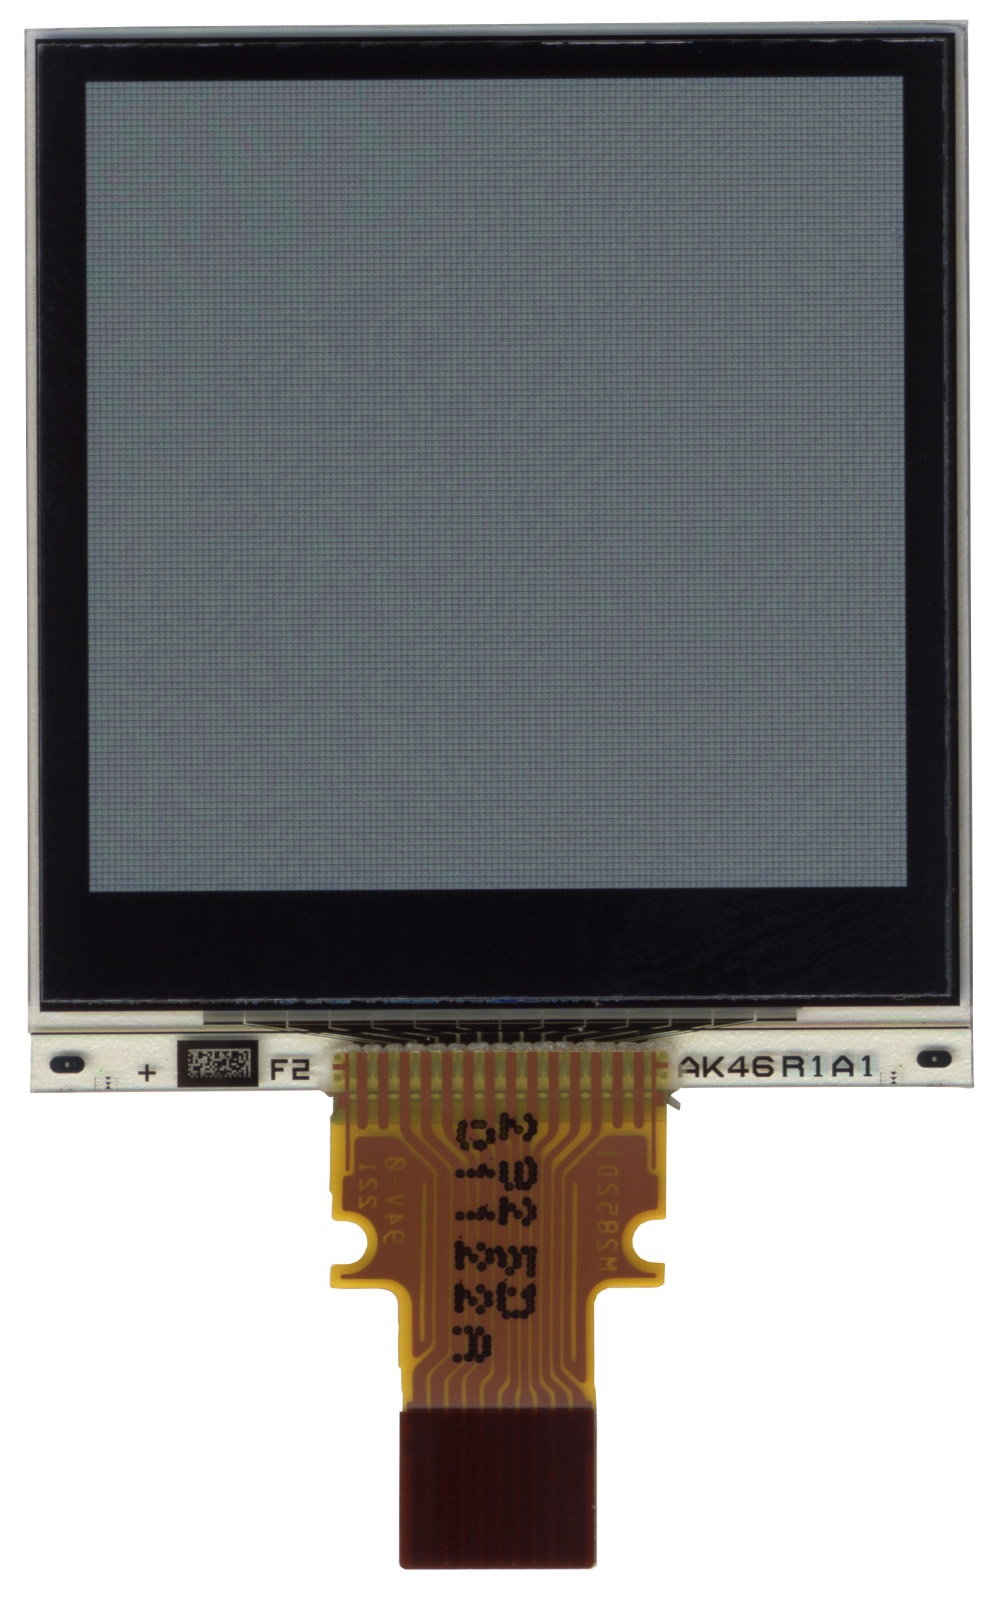 doc/fosdem2015/pictures/LCD.jpg